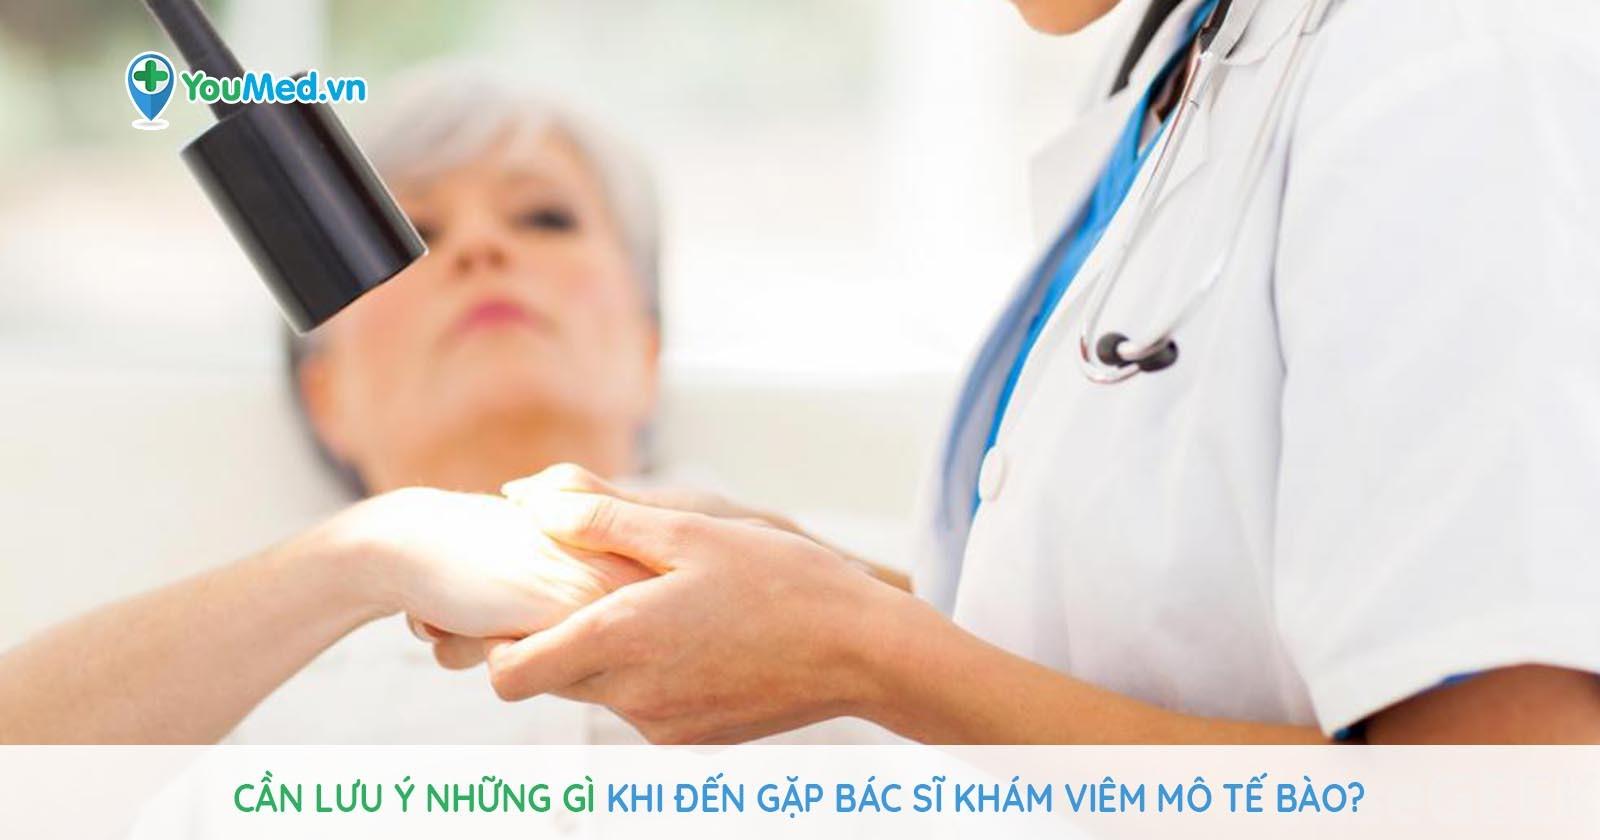 Cần lưu ý những gì khi đến gặp bác sĩ khám Viêm mô tế bào